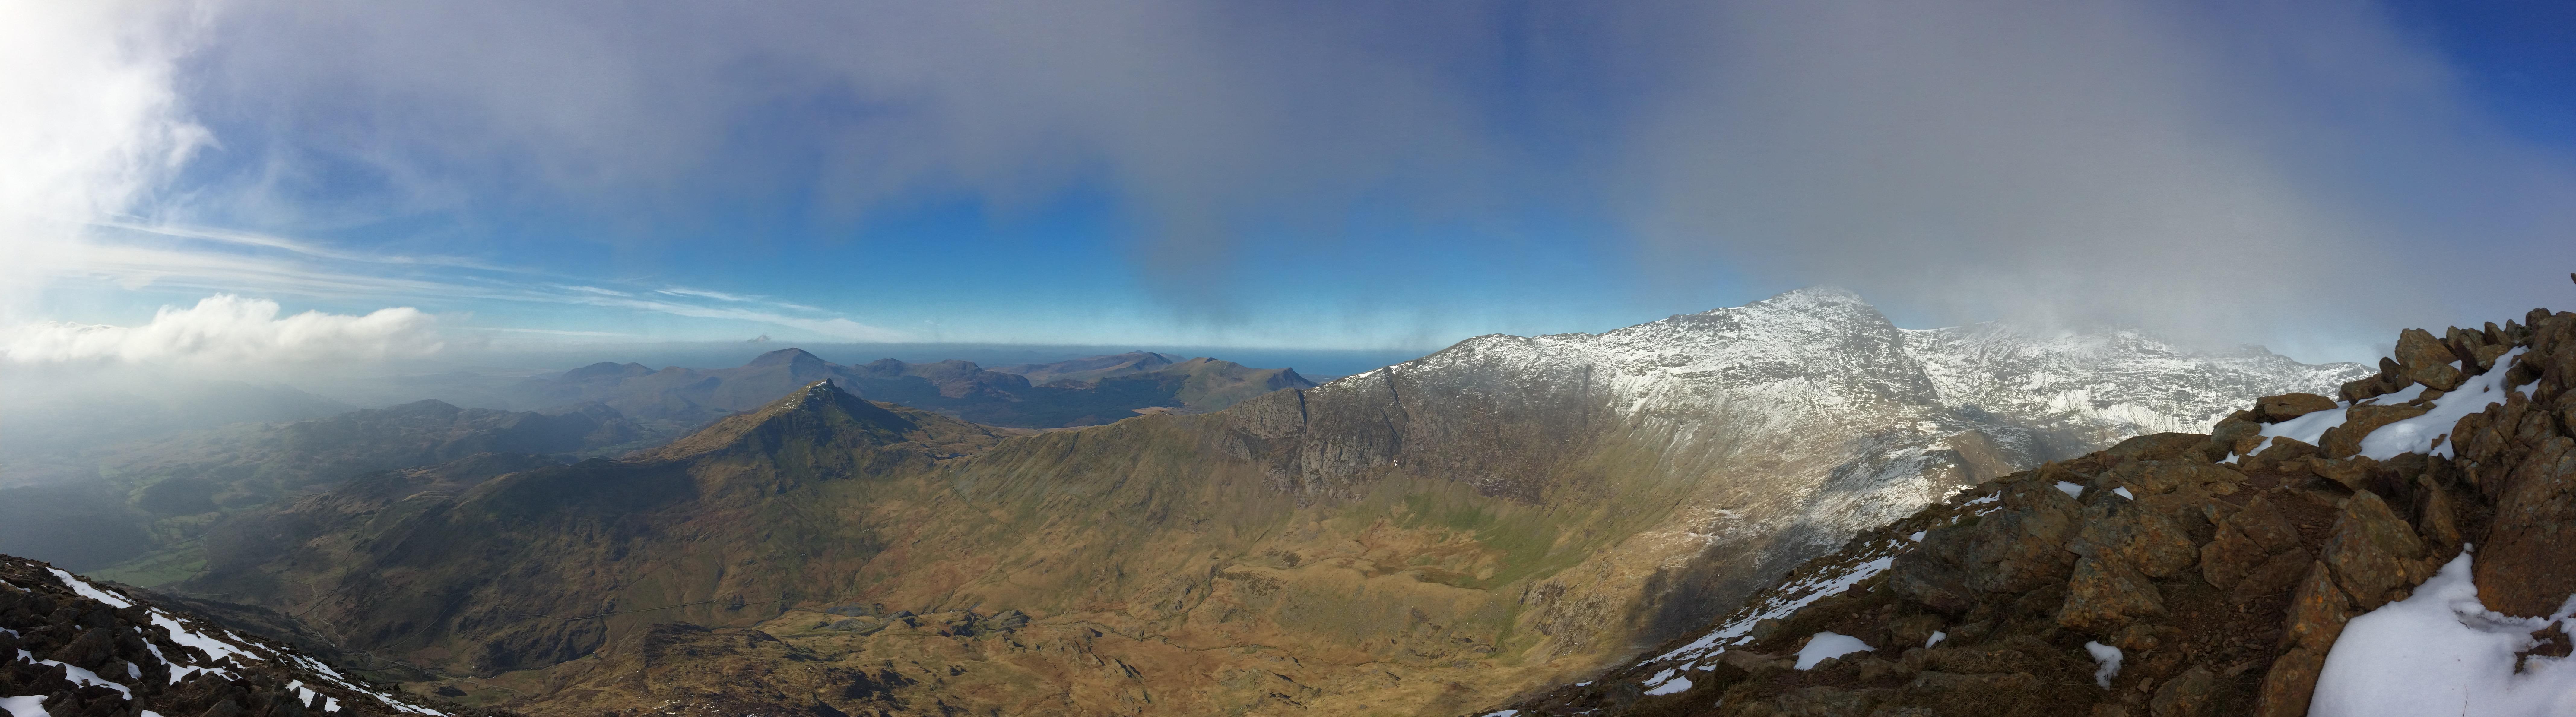 Lliwedd summit panorama - SW